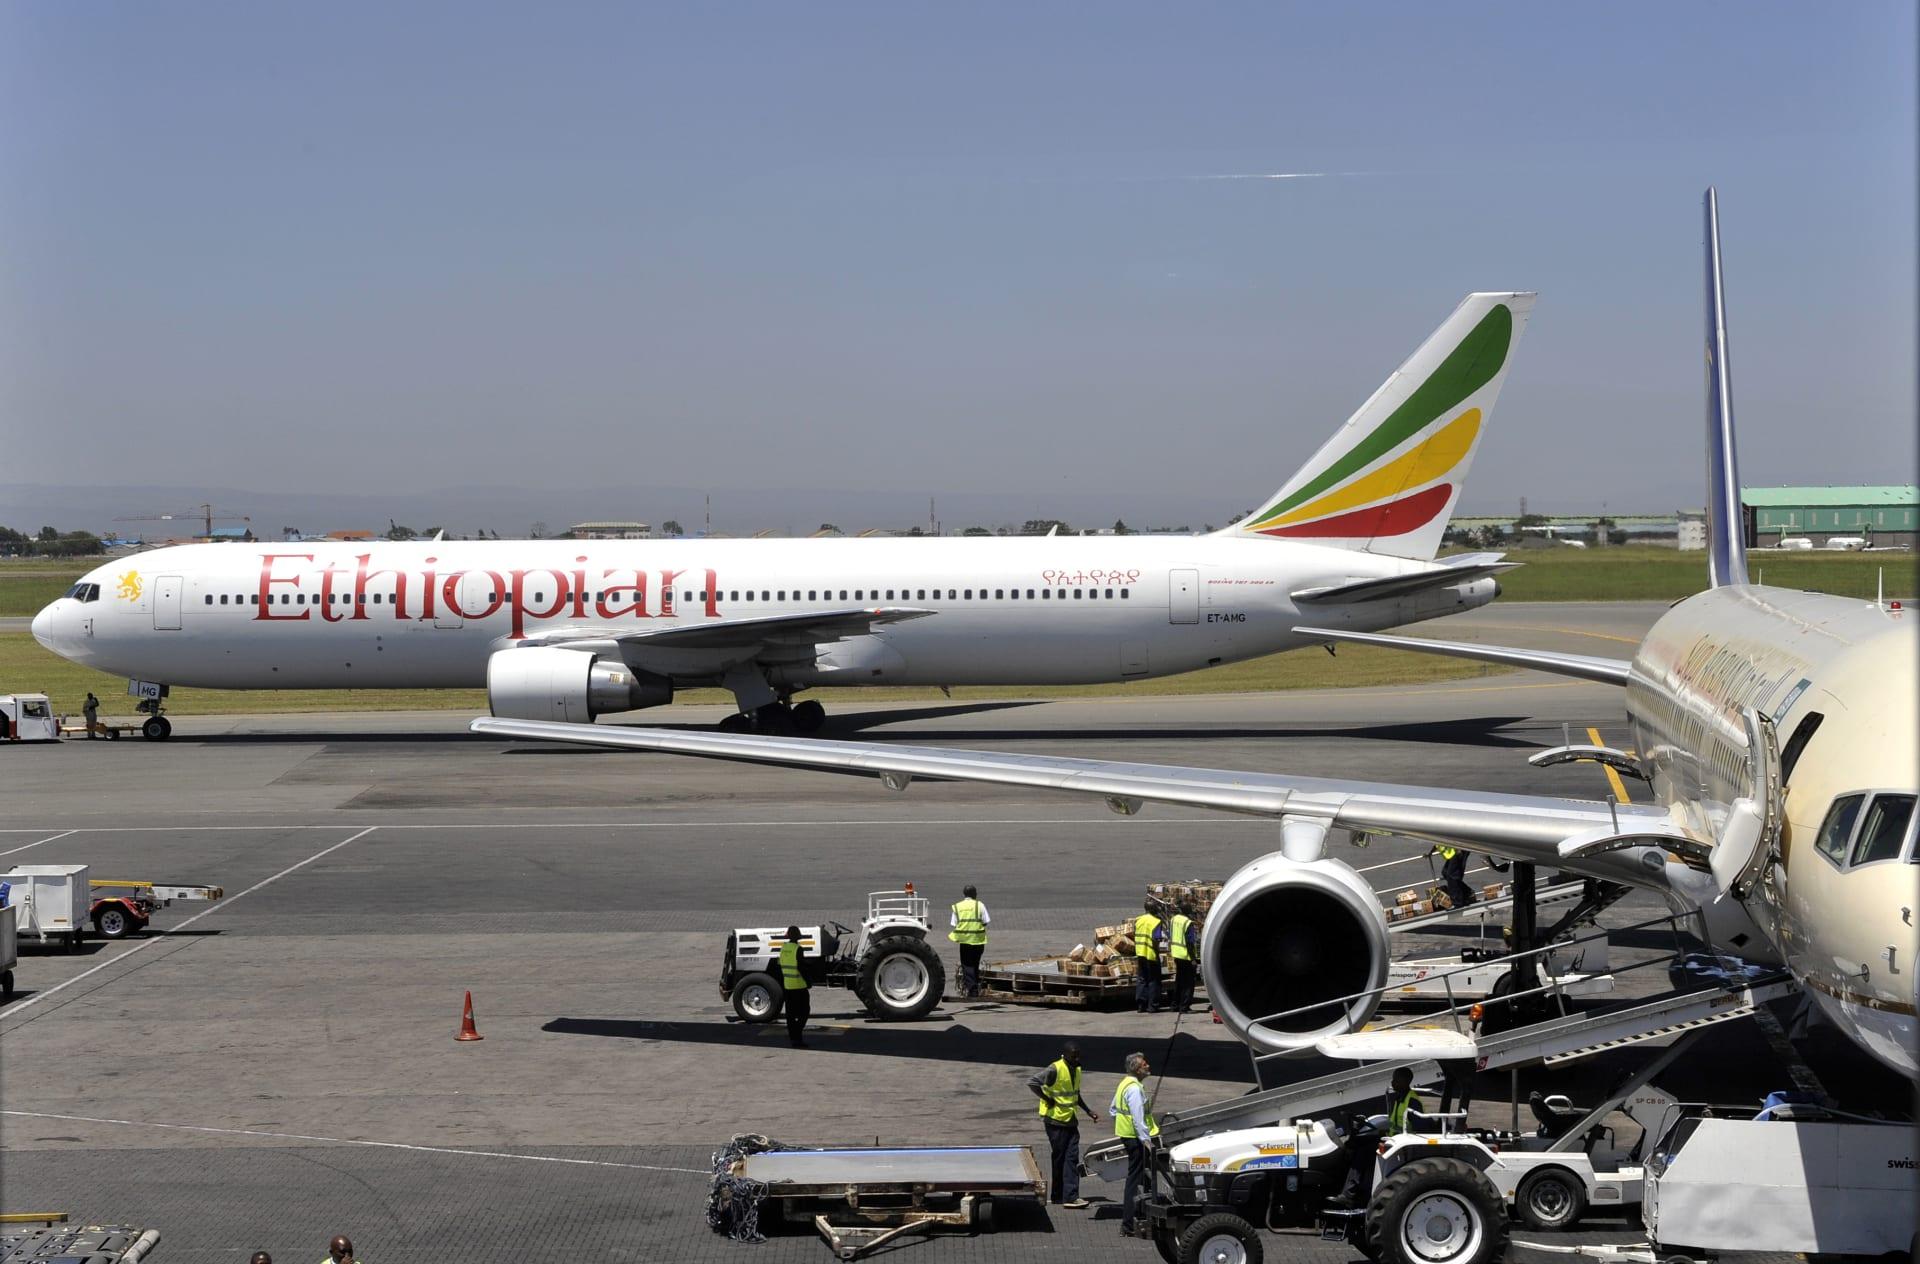 تحطم طائرة تابعة للخطوط الجوية الإثيوبية من طراز بوينغ 737